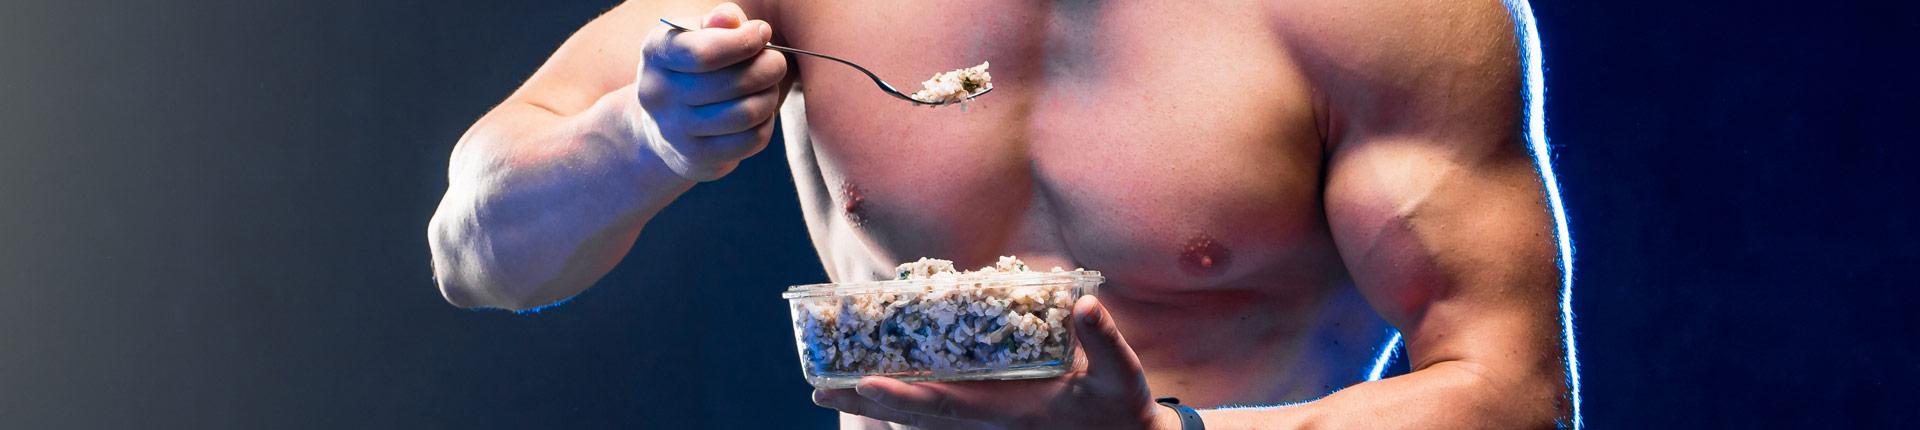 Węglowodany czy tłuszcze…? Dieta a forma sportowa